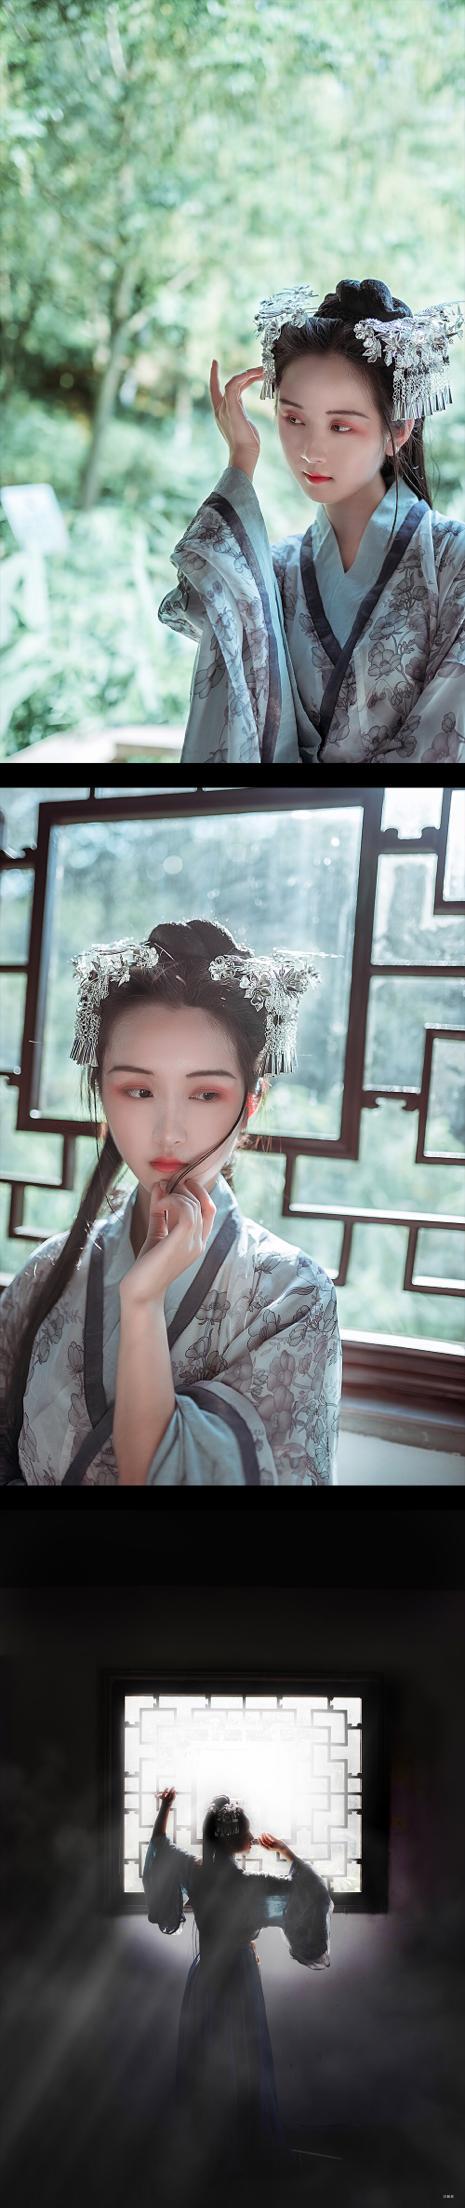 采桑子#重庆约拍#